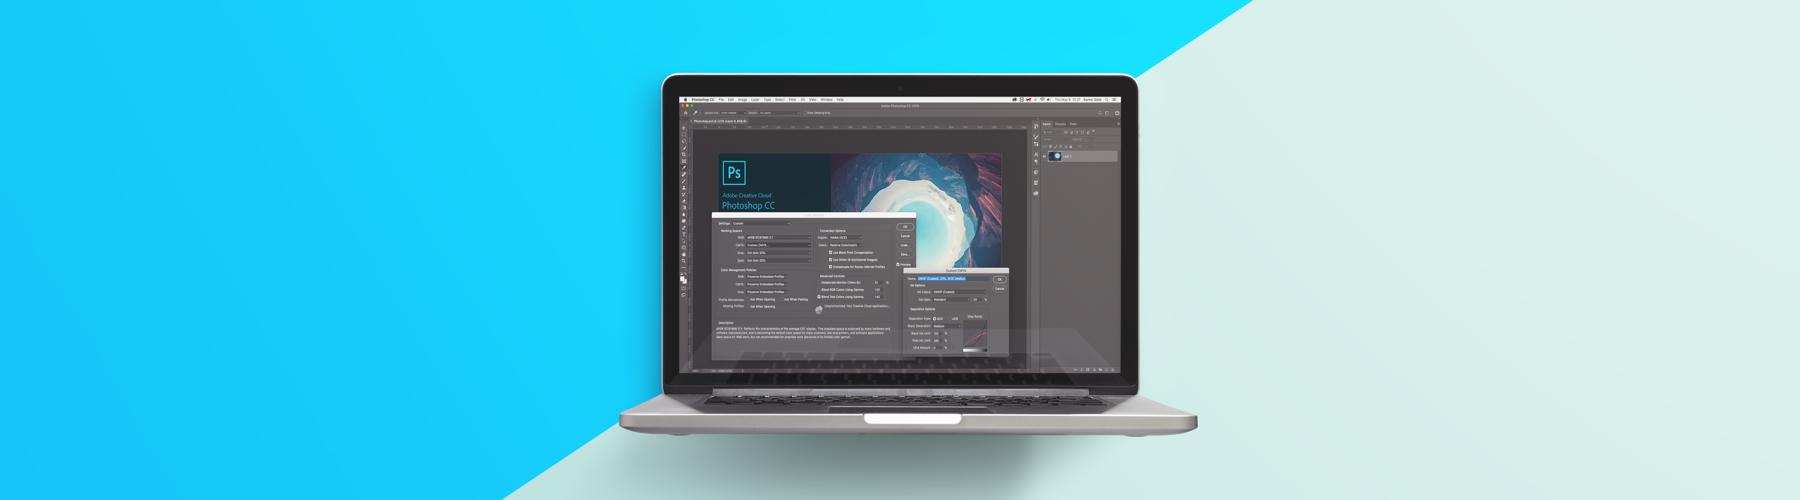 Ajusta la Densidad de Tinta en Adobe Photoshop en 7 Pasos